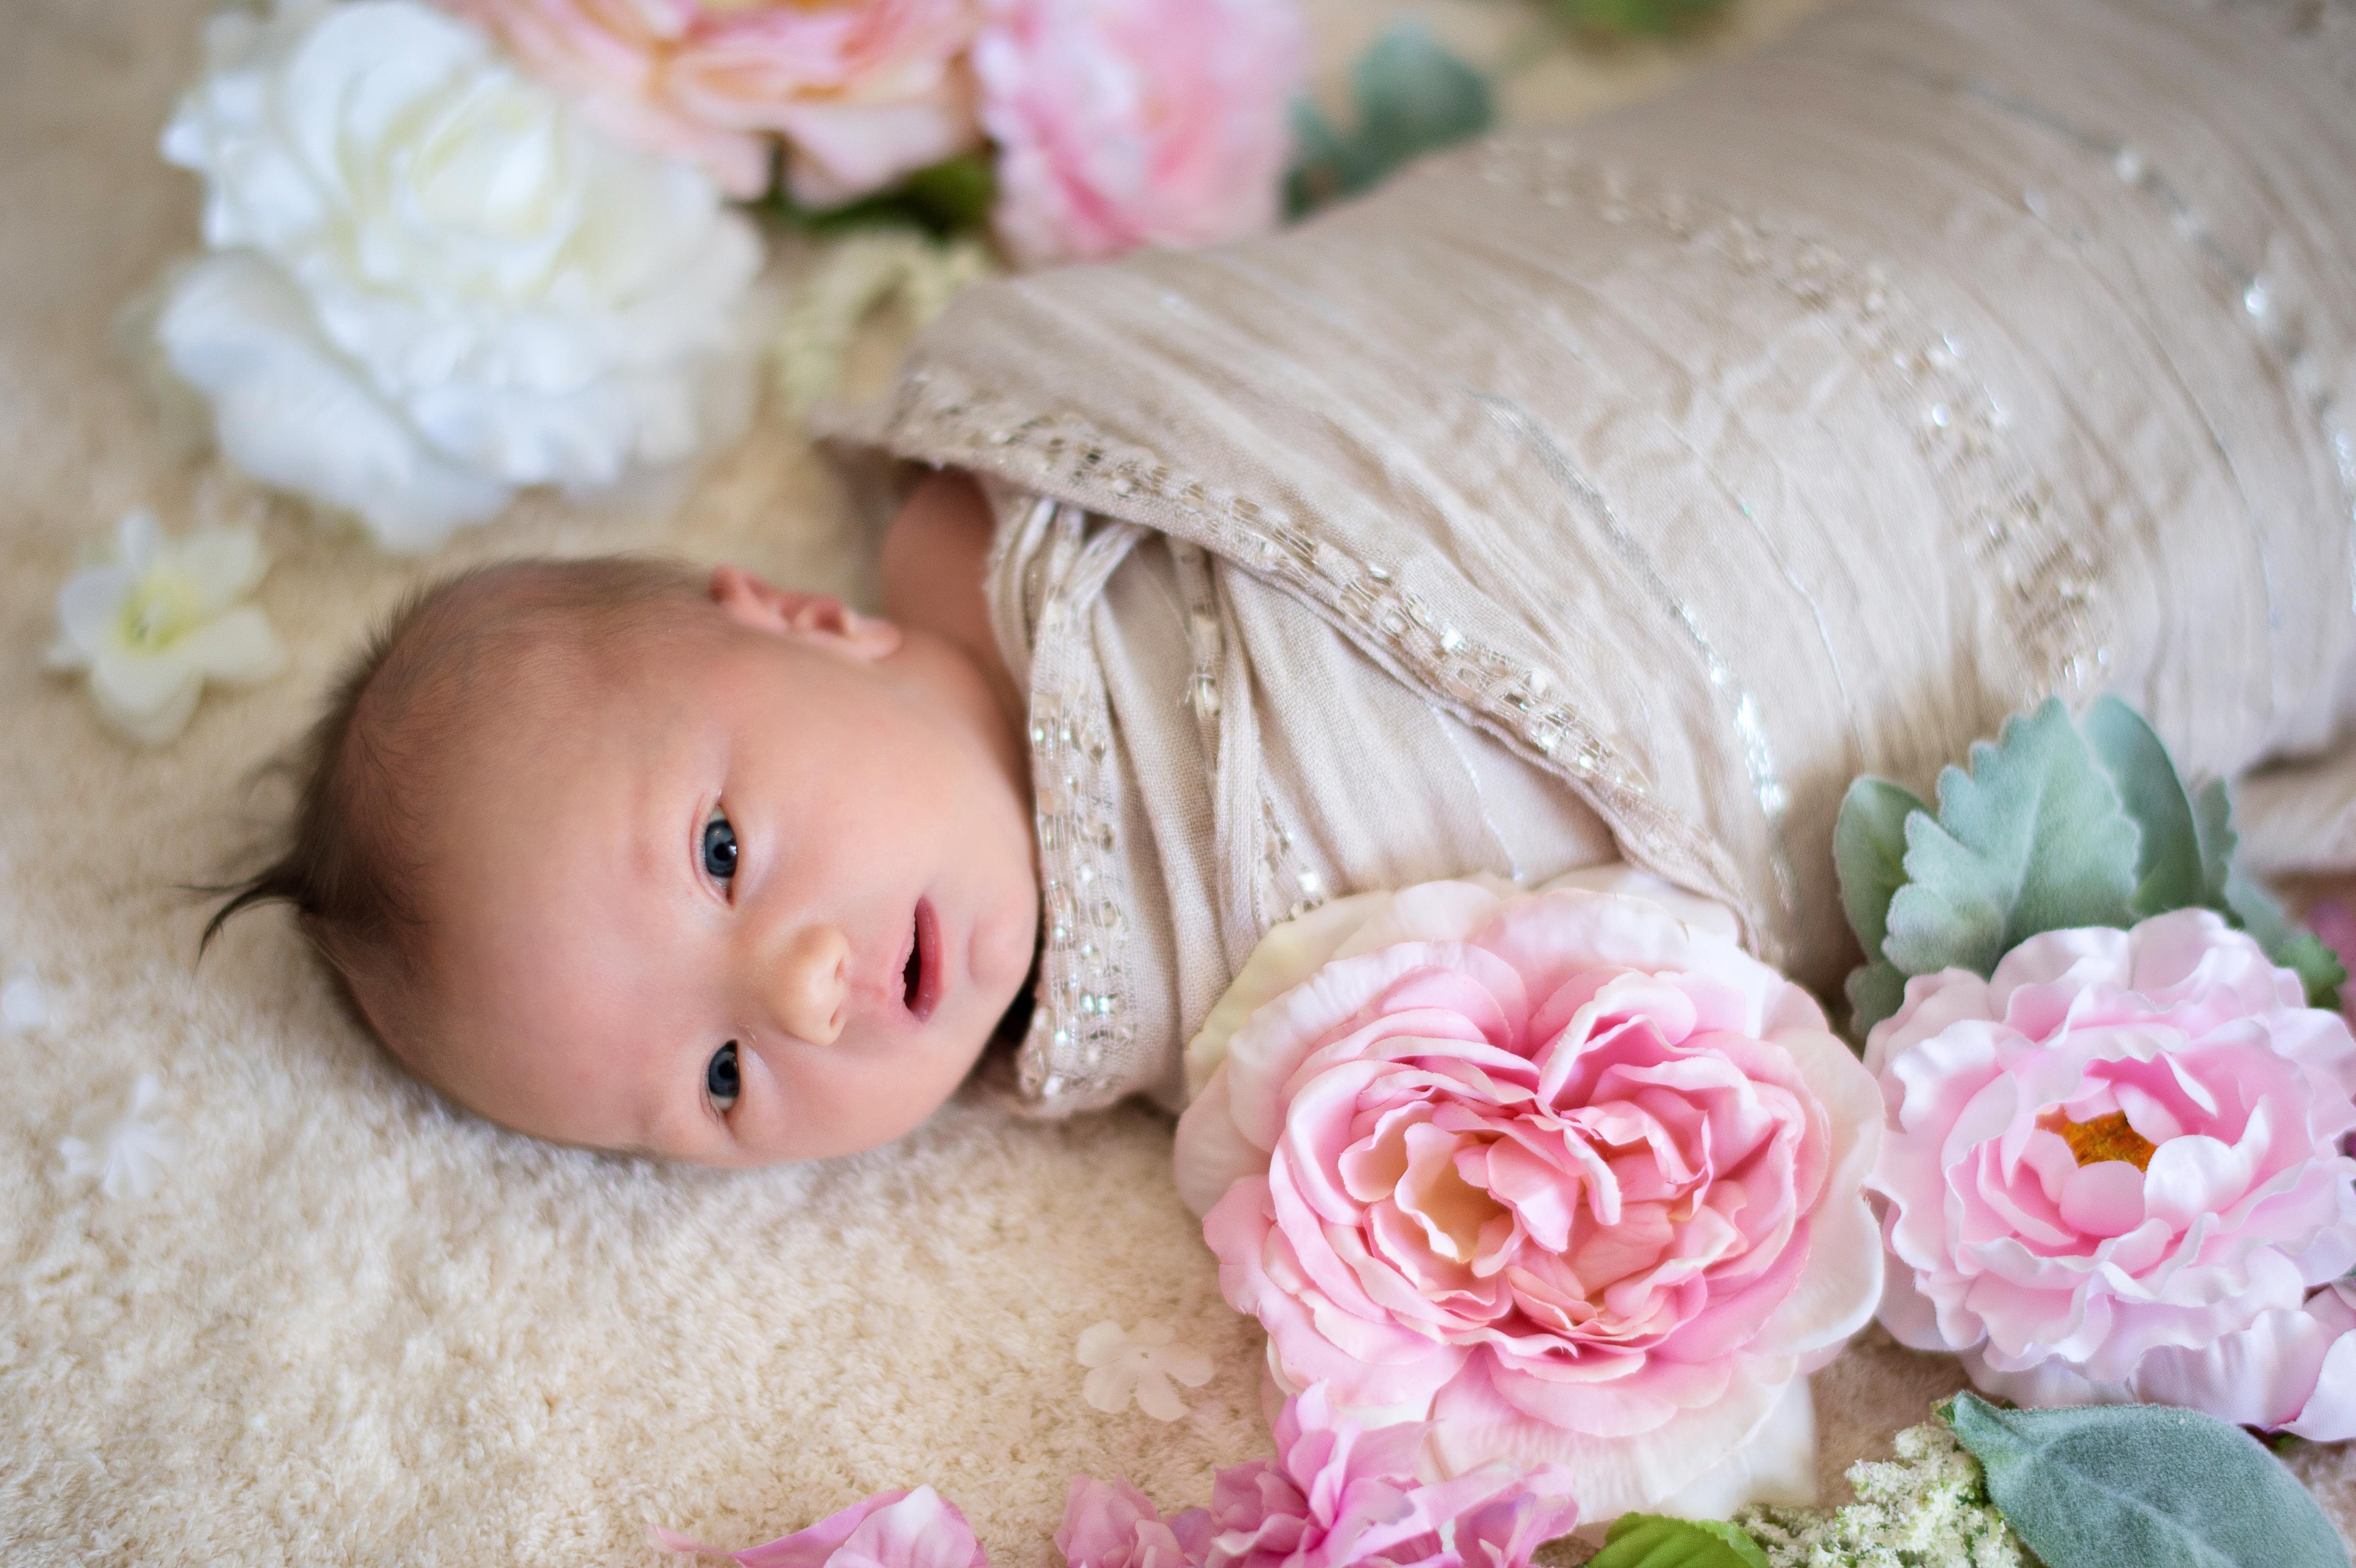 oviedo newborn session